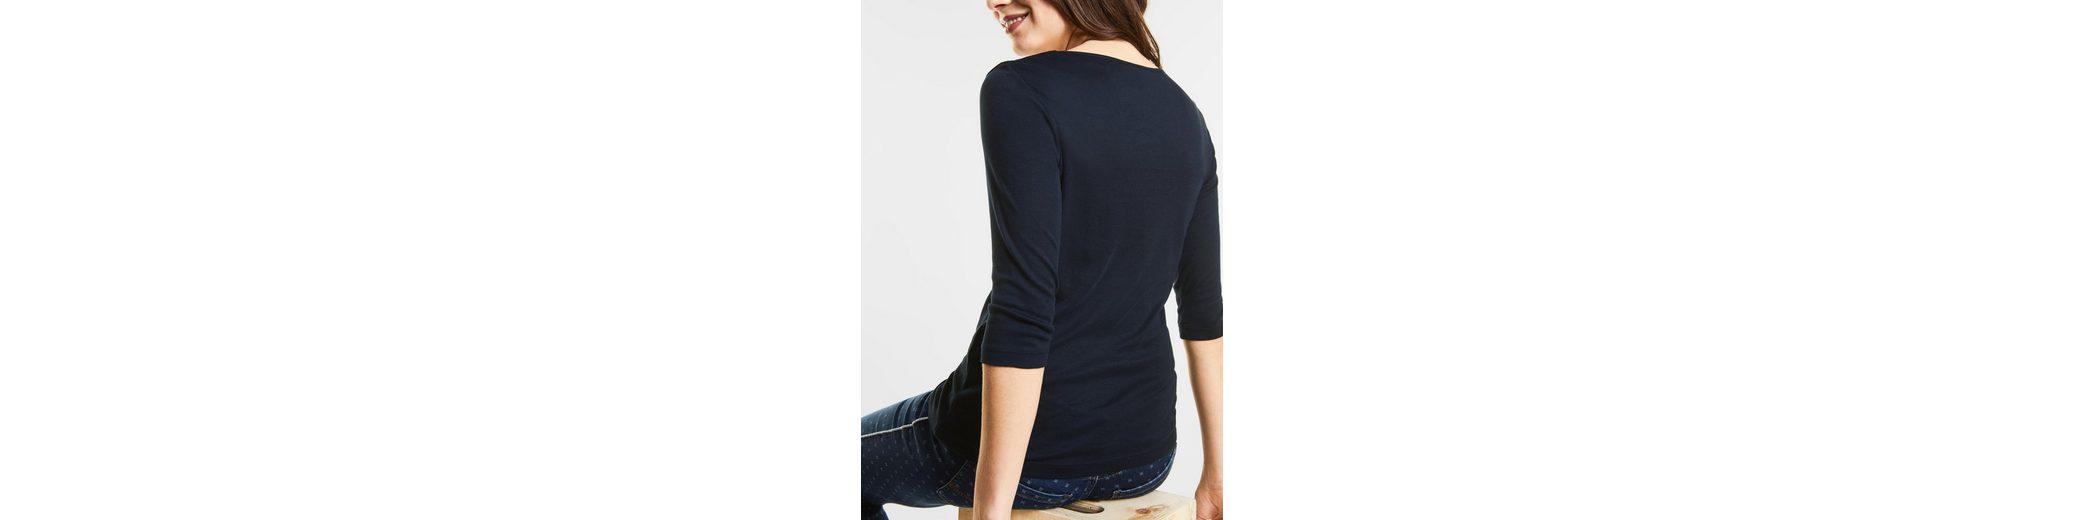 Street One Schmales Basic Shirt Pania Kaufen Günstigen Preis 6ER8Pxet